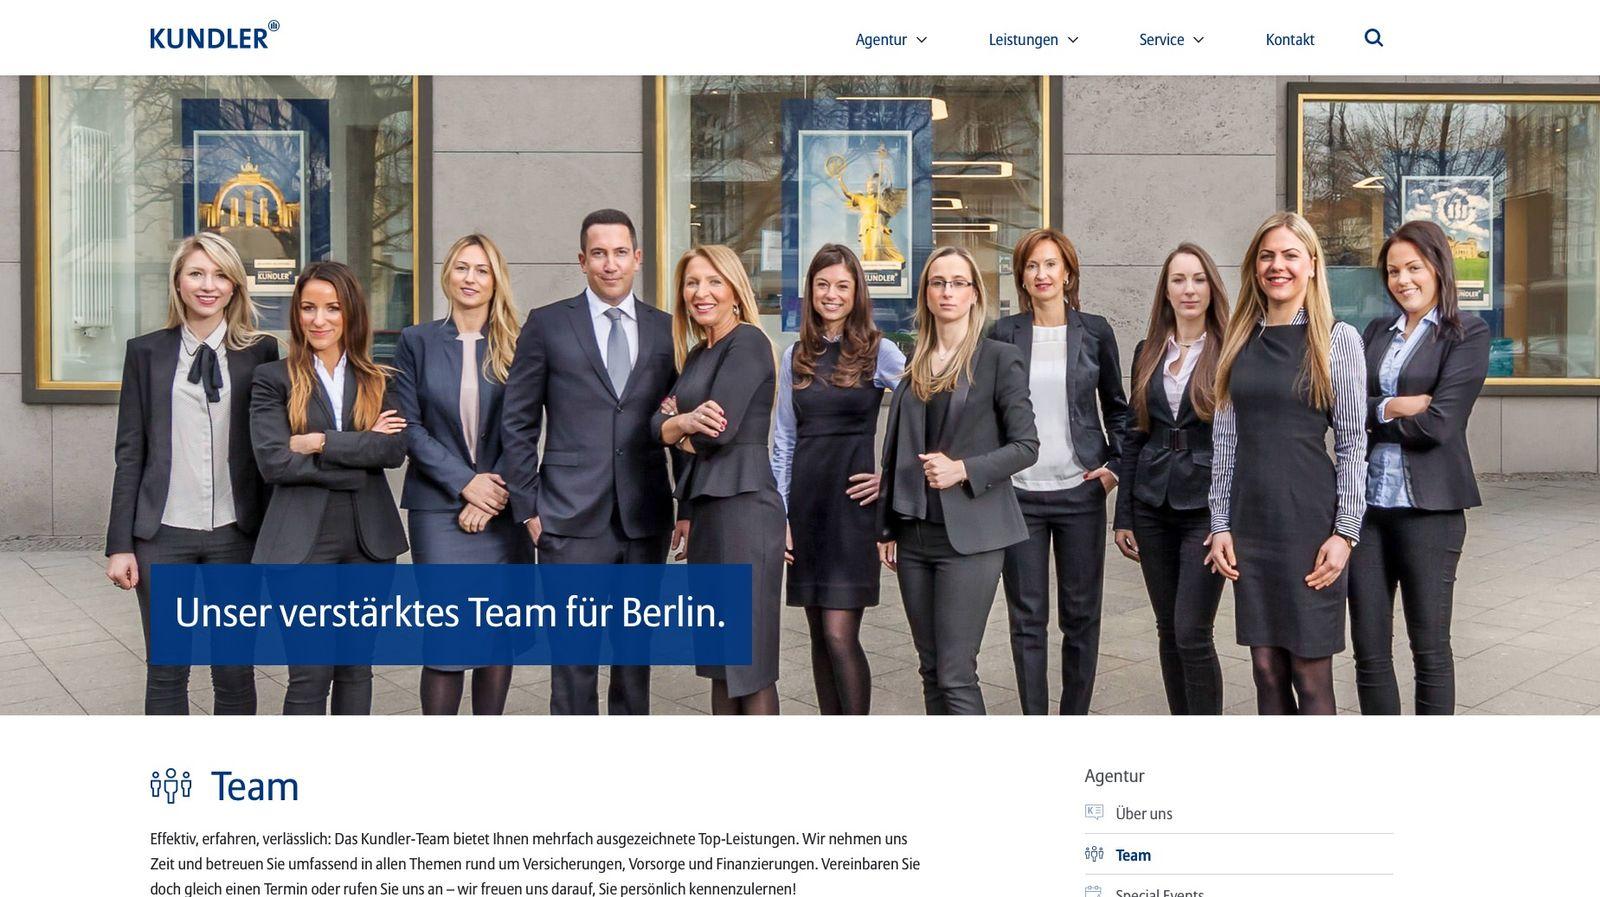 EINMALIGE VERWENDUNG kundler.com/agentur/team/